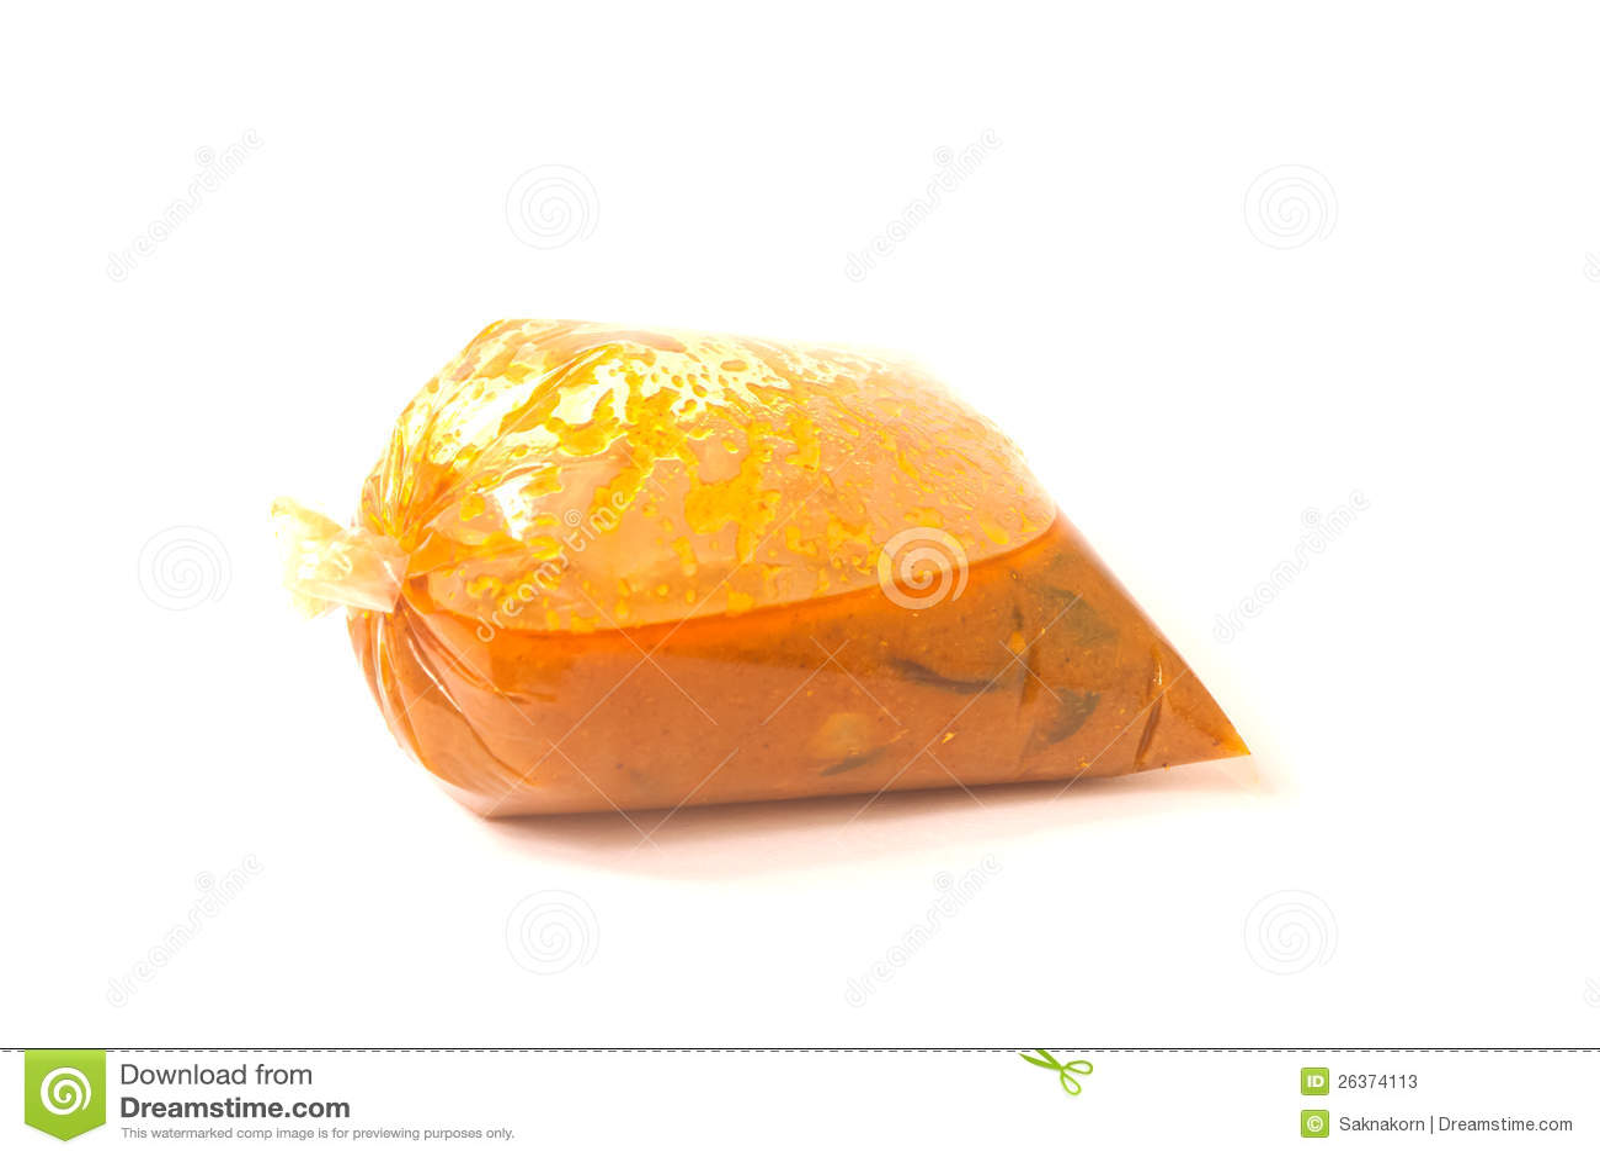 Siamesische Nahrung in den Plastiktaschen auf weißem Hintergrund.